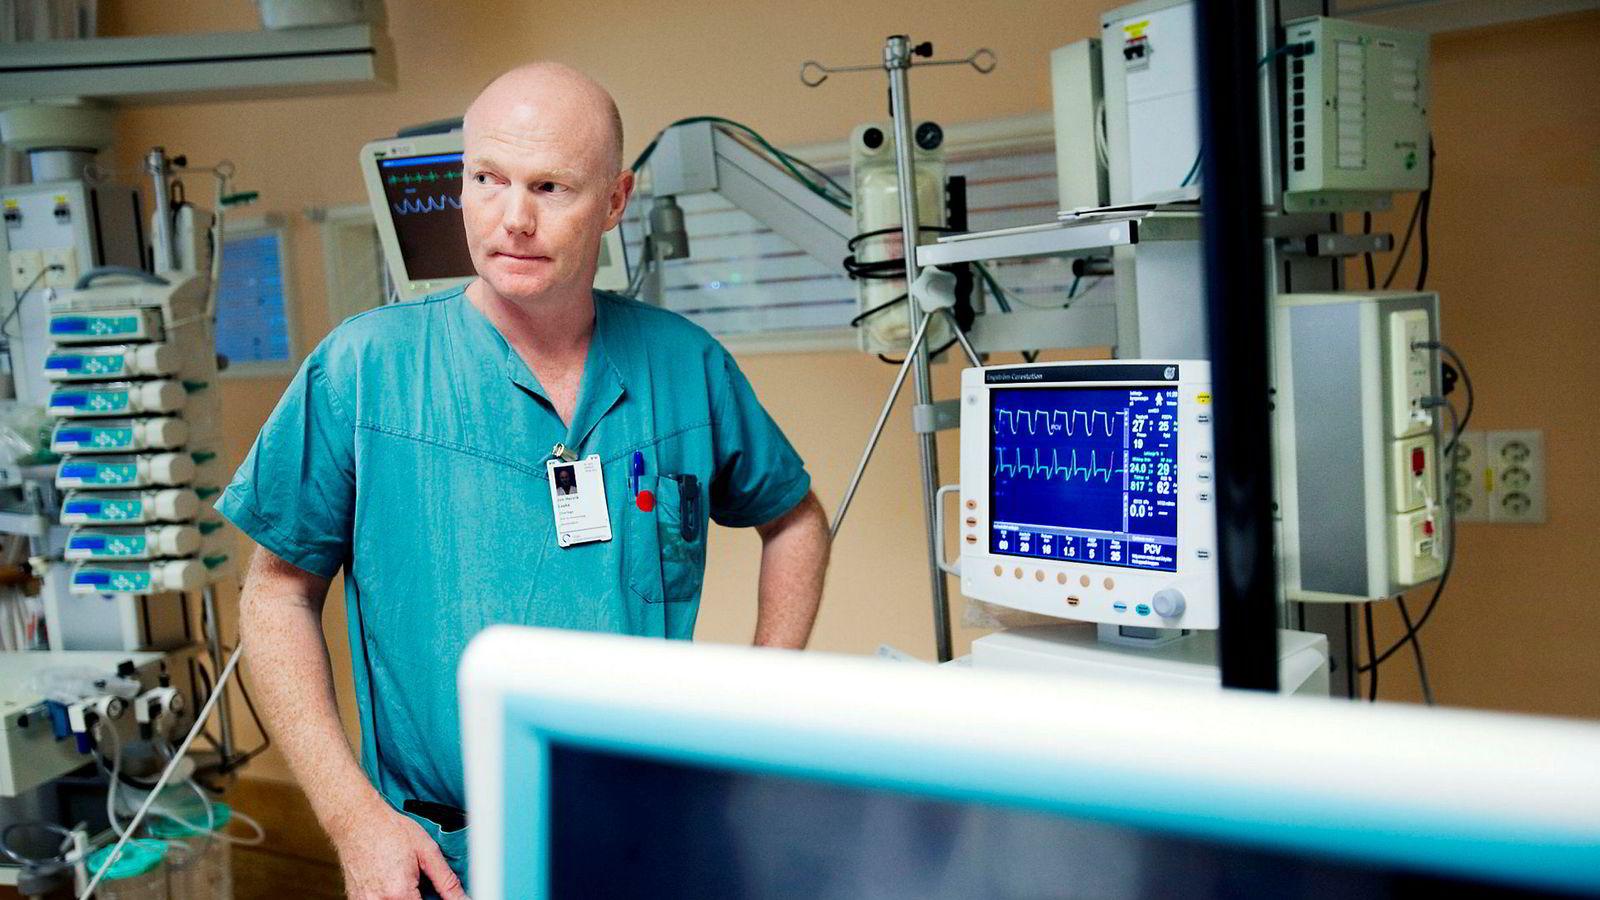 Helsevesenet har til oppgave å ivareta befolkningens helse, og det Stensland i realiteten etterspør, er noe annet, skriver Jon Henrik Laake (bildet), overlege ved Akuttklinikken, Rikshospitalet.